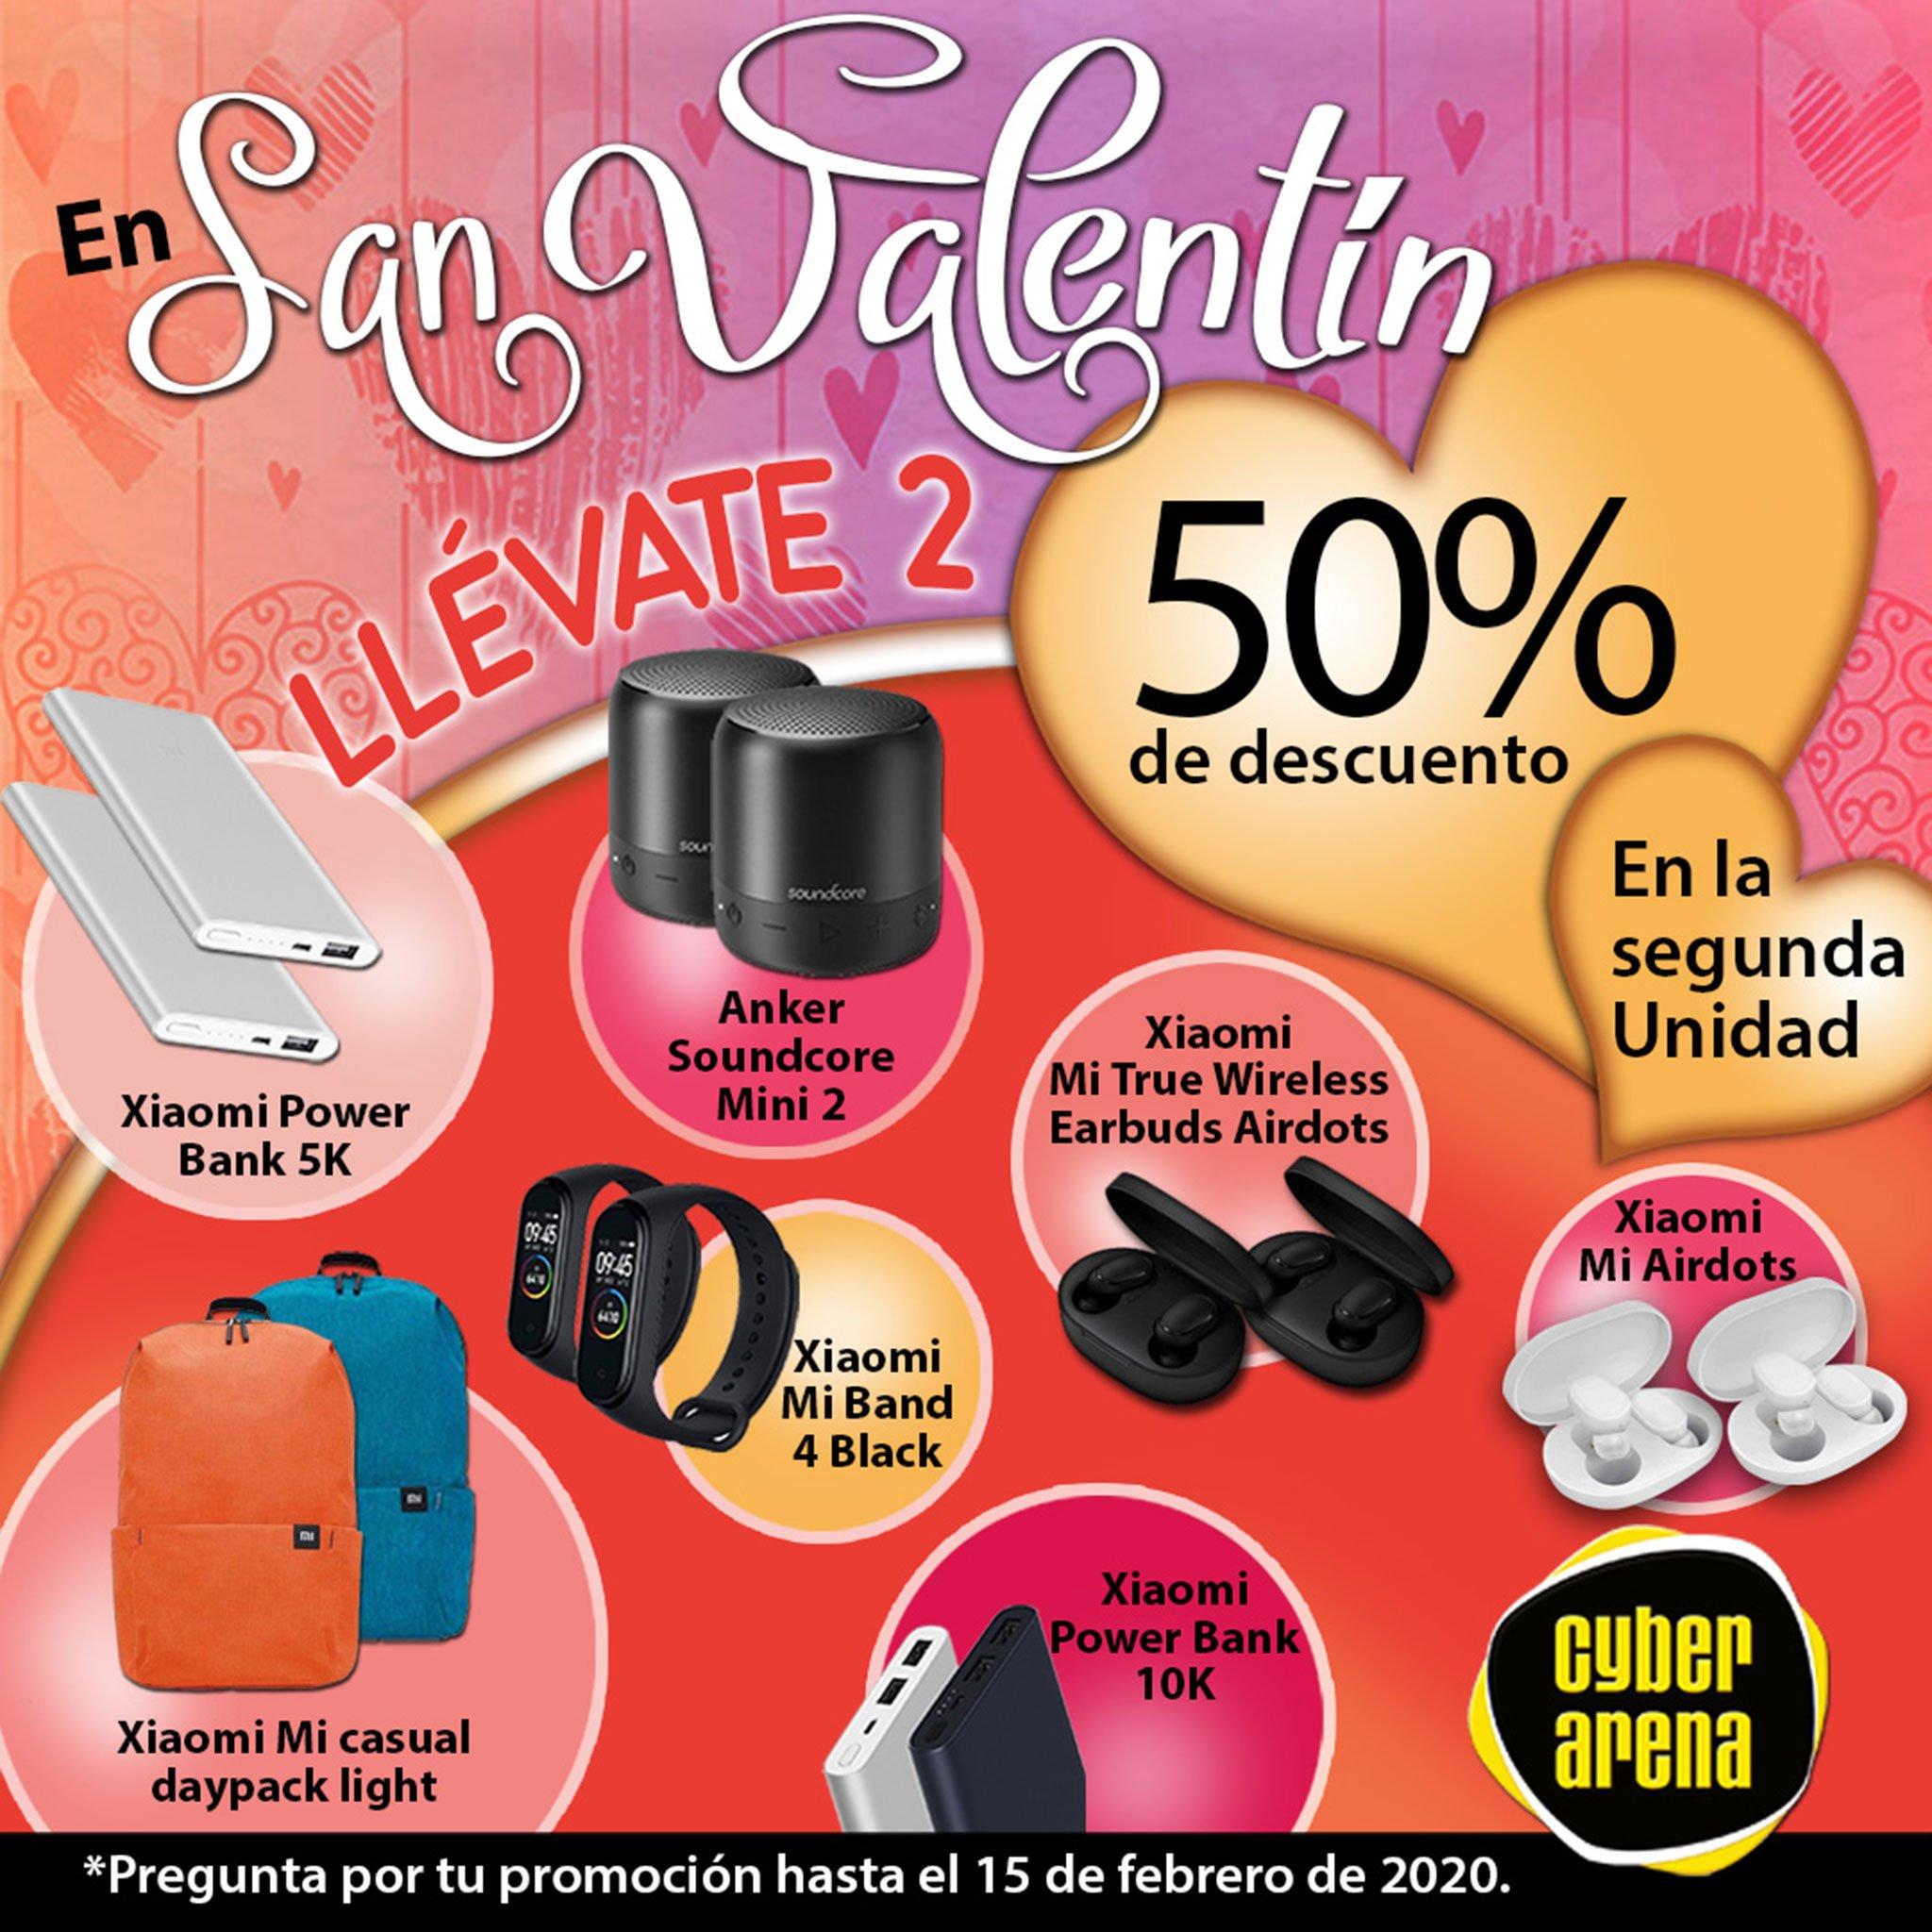 Oferta de Cyber Arena para San Valentín: 50% en la segunda unidad